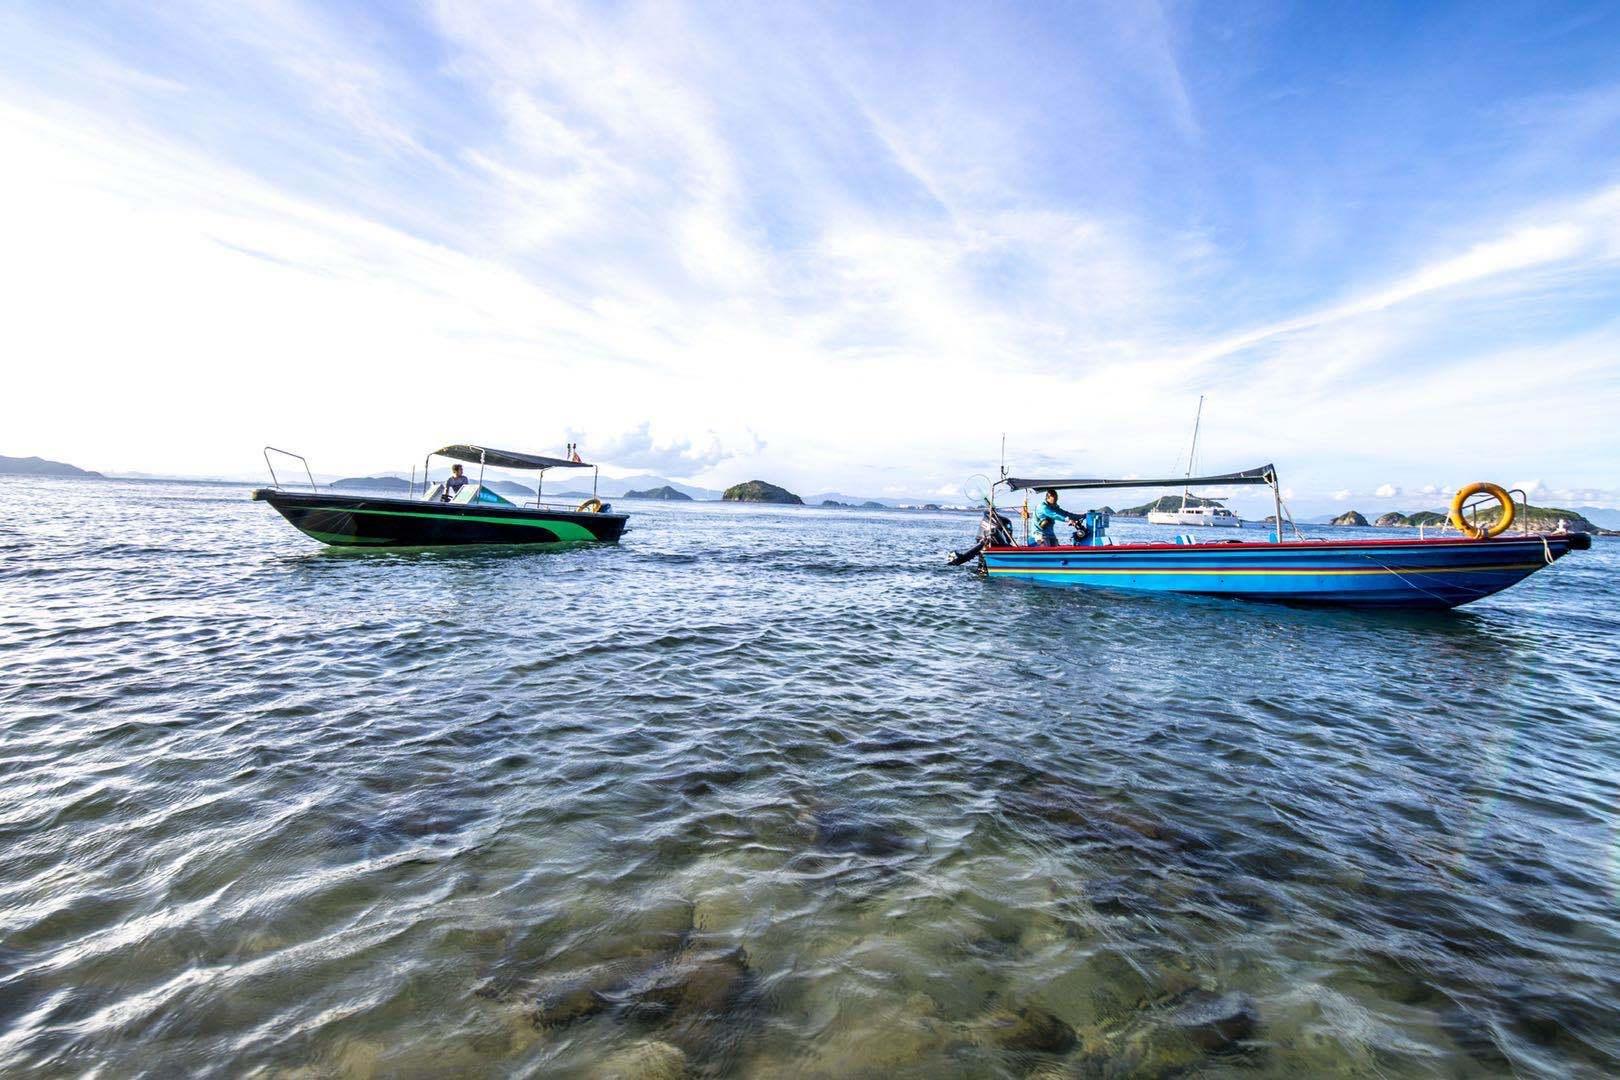 【周末走起】--大亚湾黄金海岸沙滩、豪叹生猛龙虾海鲜宴、打卡网红无边际泳池、大亚湾泡泡海、下楼便是海,纯玩2天游!